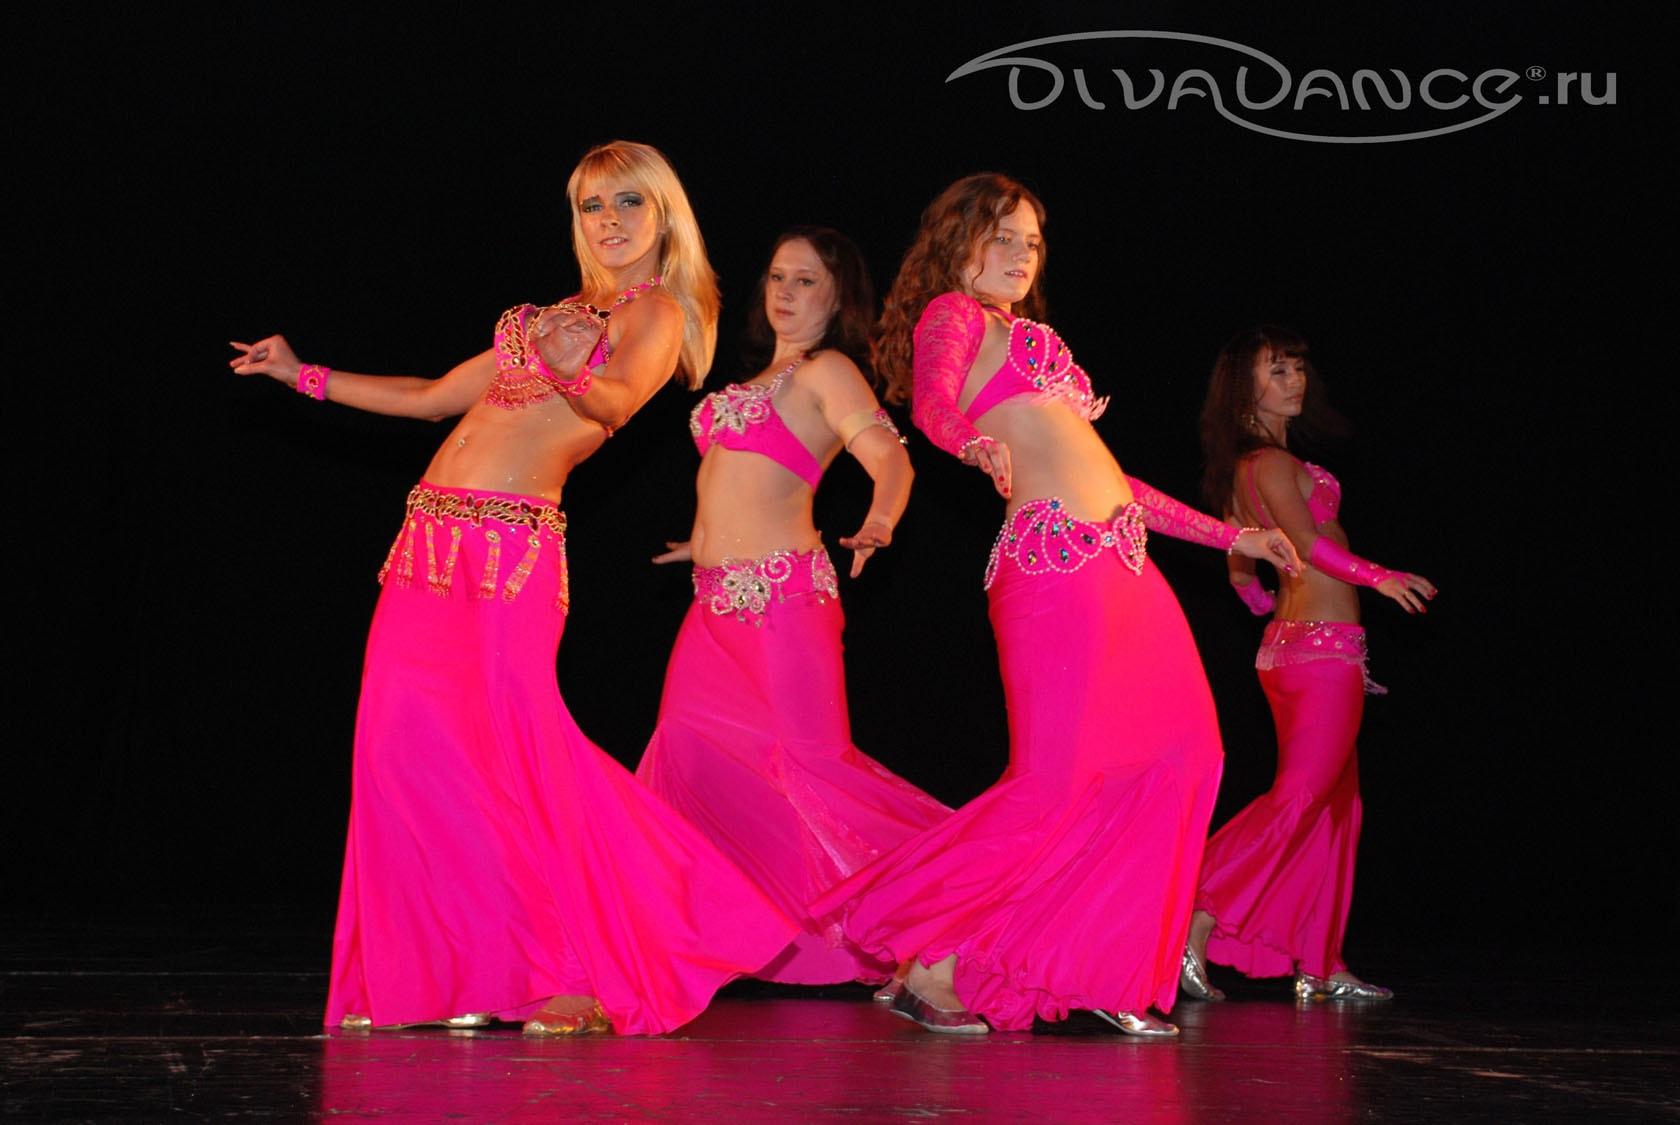 Спортивно эротические танцы 7 фотография